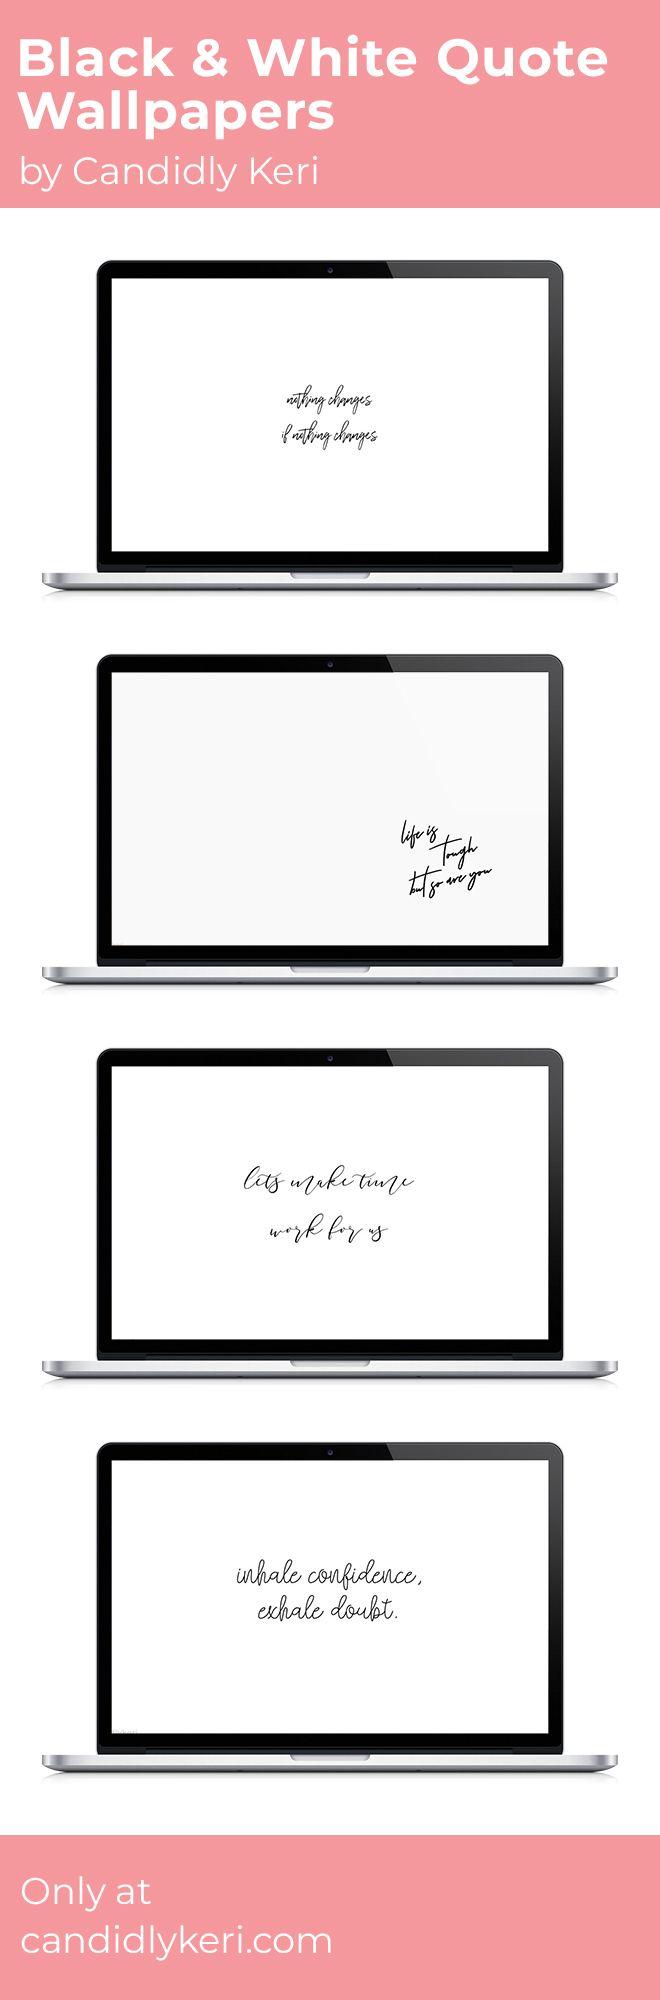 Schwarz und Weiß Beliebte Zitat Desktop-Hintergrund motivierend inspirierende Wallpaper, die Sie kostenlos im Blog herunterladen können! Für jedes Gerät; Handy, Desktop, iPhone, Android!